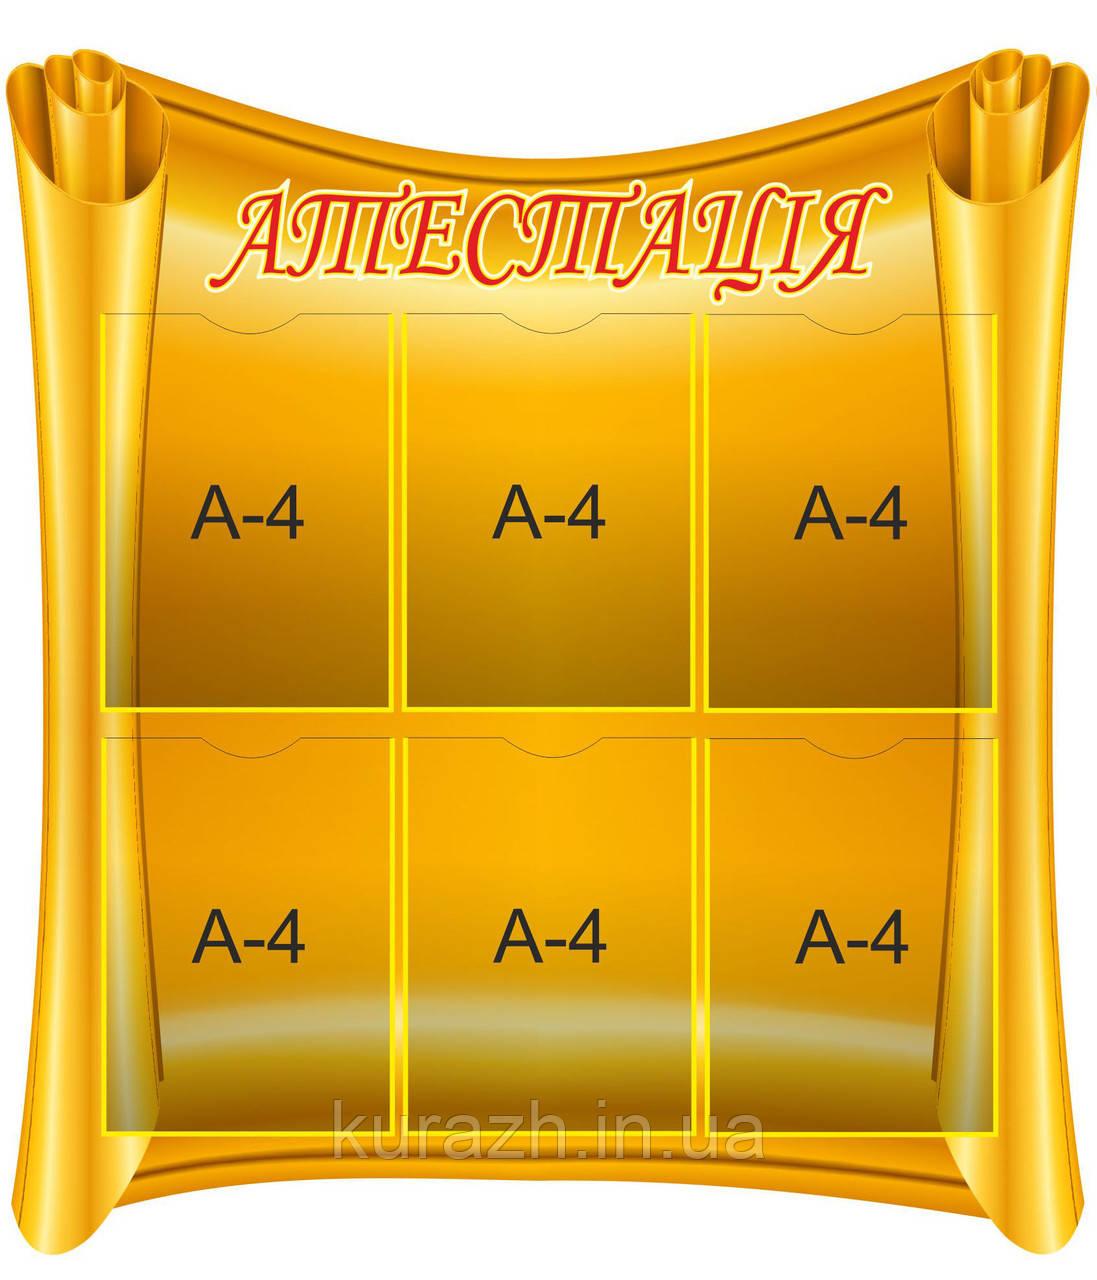 Стенд для школи «Атестація»